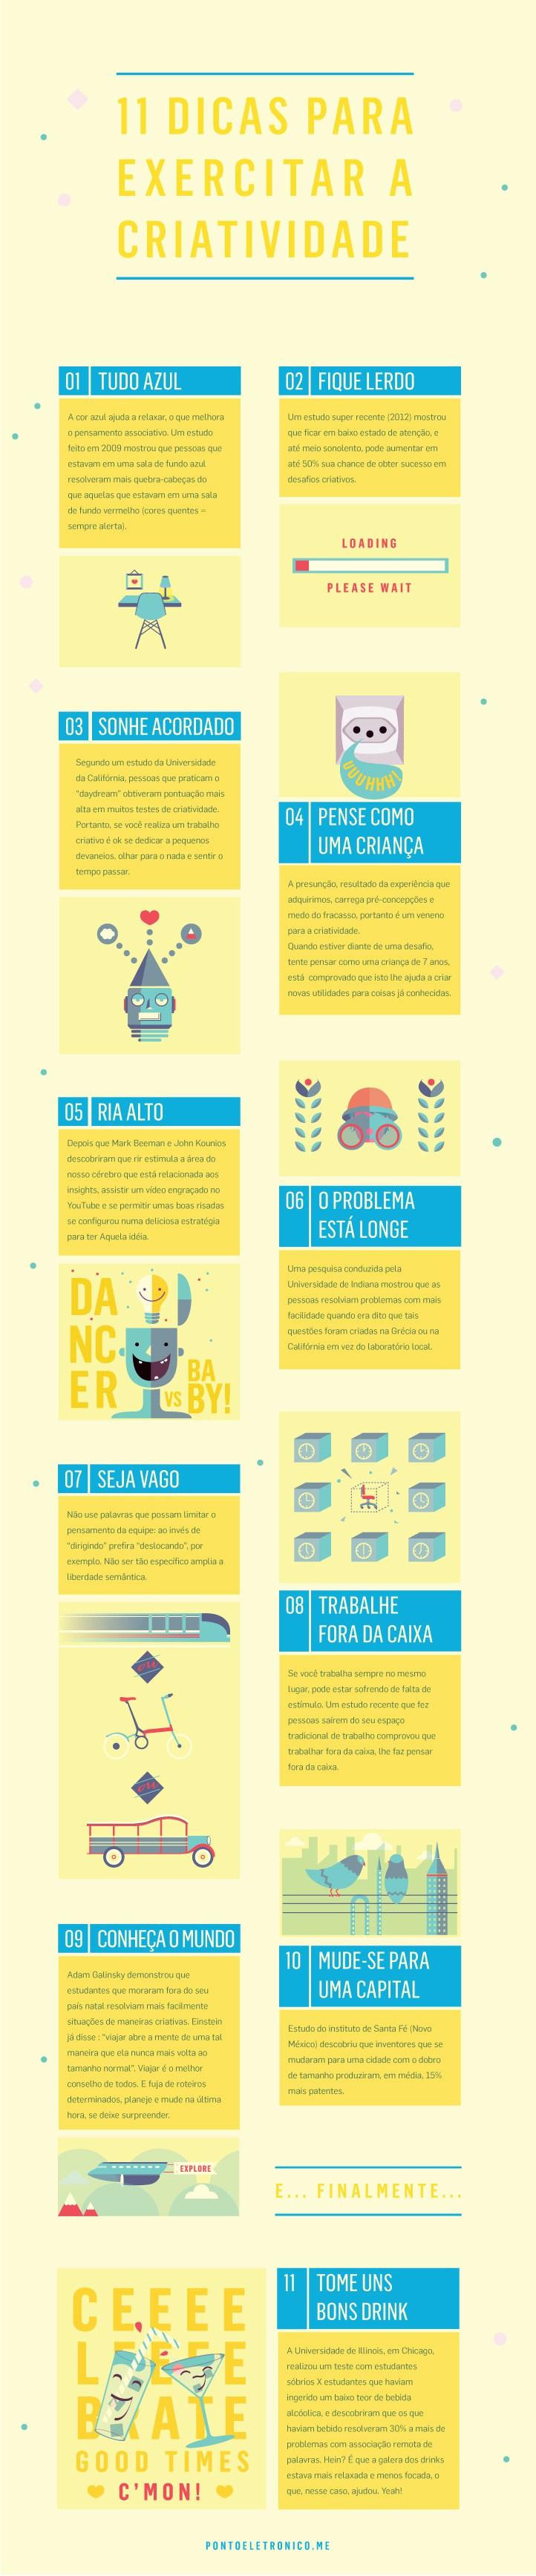 infografico_criatividade